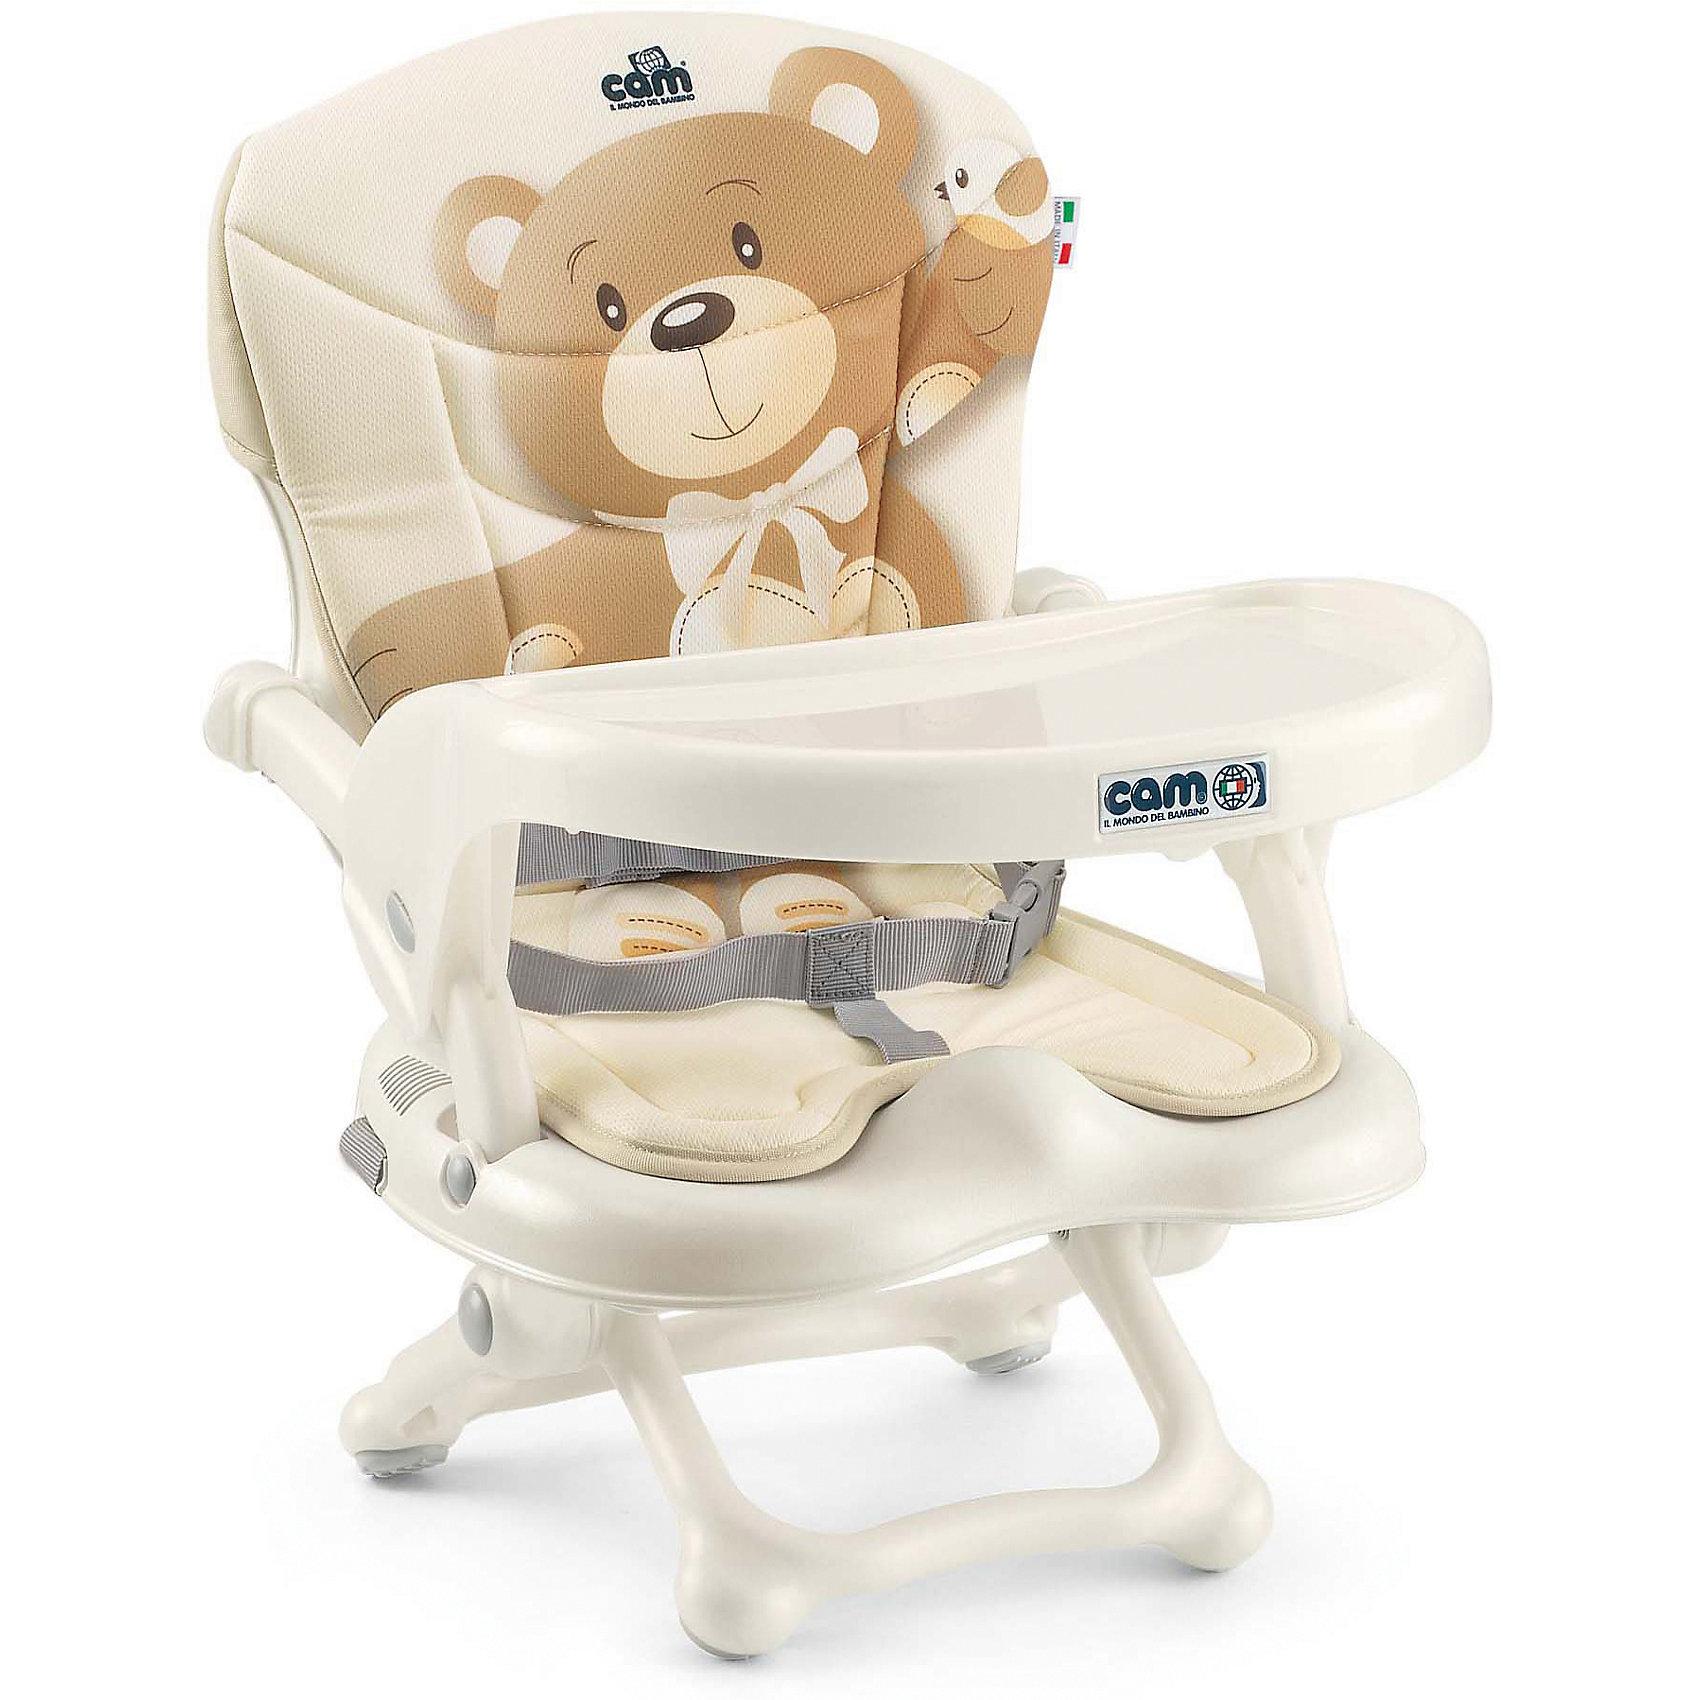 CAM Стульчик для кормления Smarty Pop, CAM, бежевый с медвежонком игрушка головоломка для собак i p t s smarty 30x19x2 5см